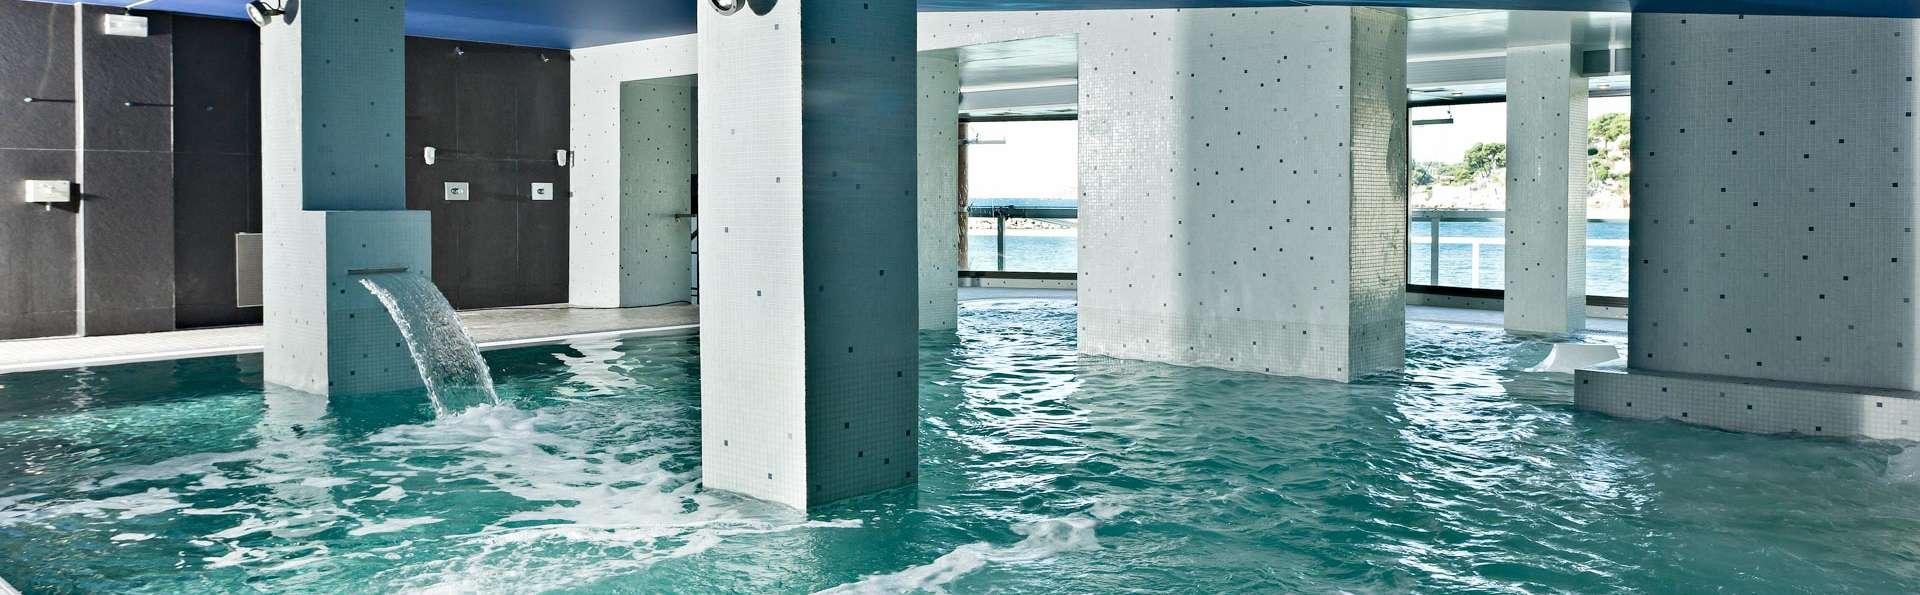 Week-end à Bandol les pieds dans l'eau avec accès au parcours marin